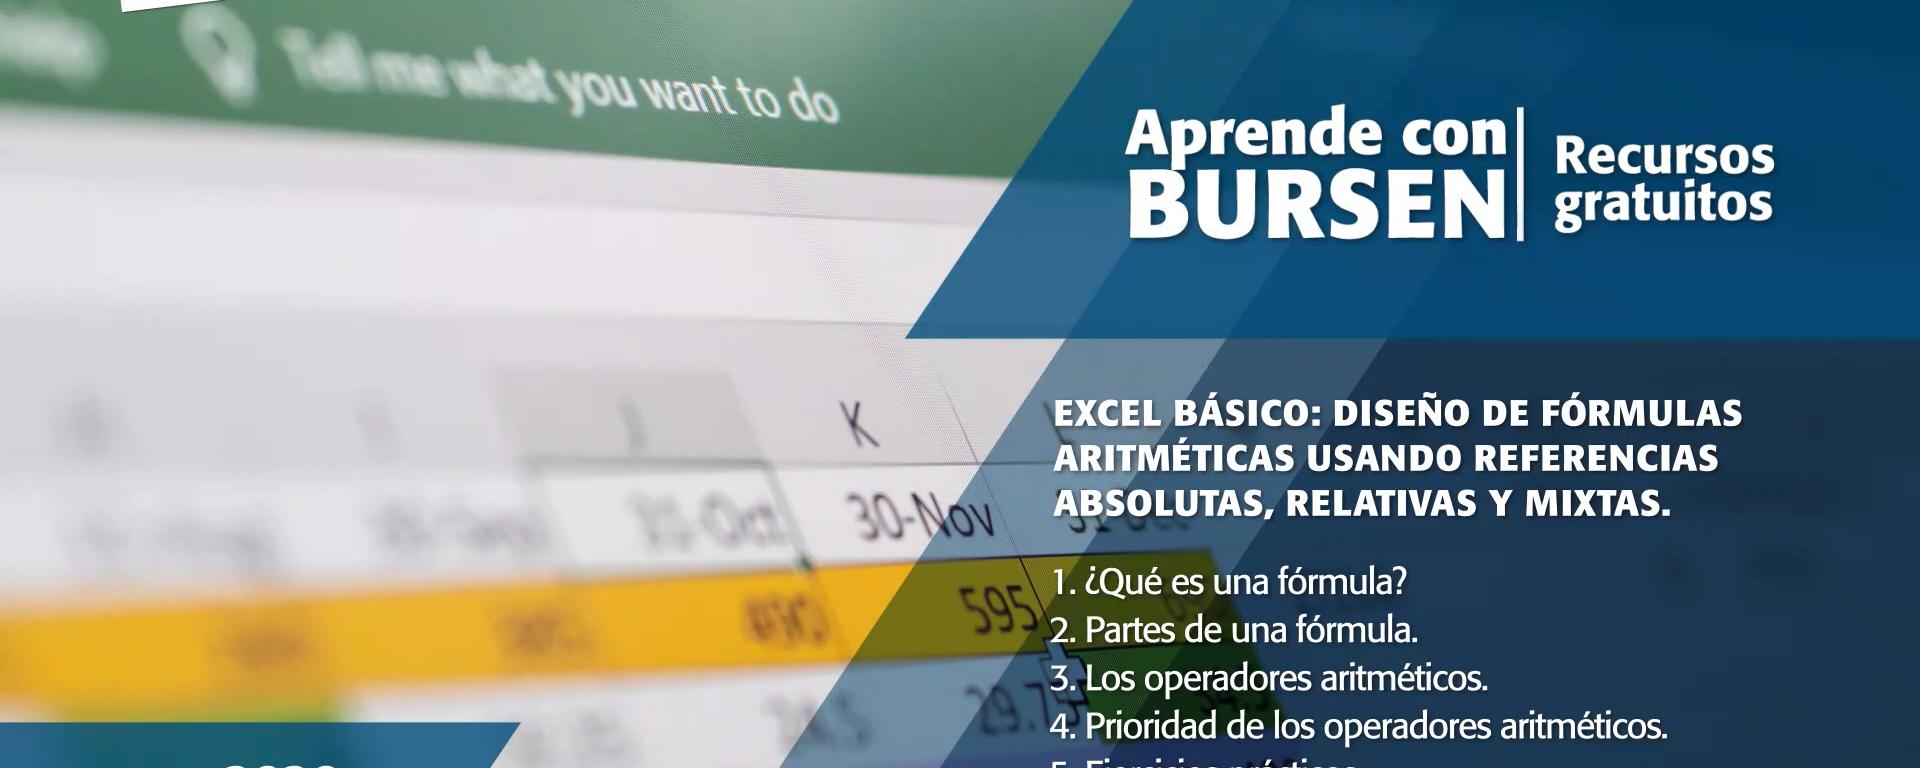 """Open BURSEN-Charla Gratuita: """"Excel básico – Diseño de fórmulas aritméticas usando referencias absolutas, relativas y mixtas"""""""